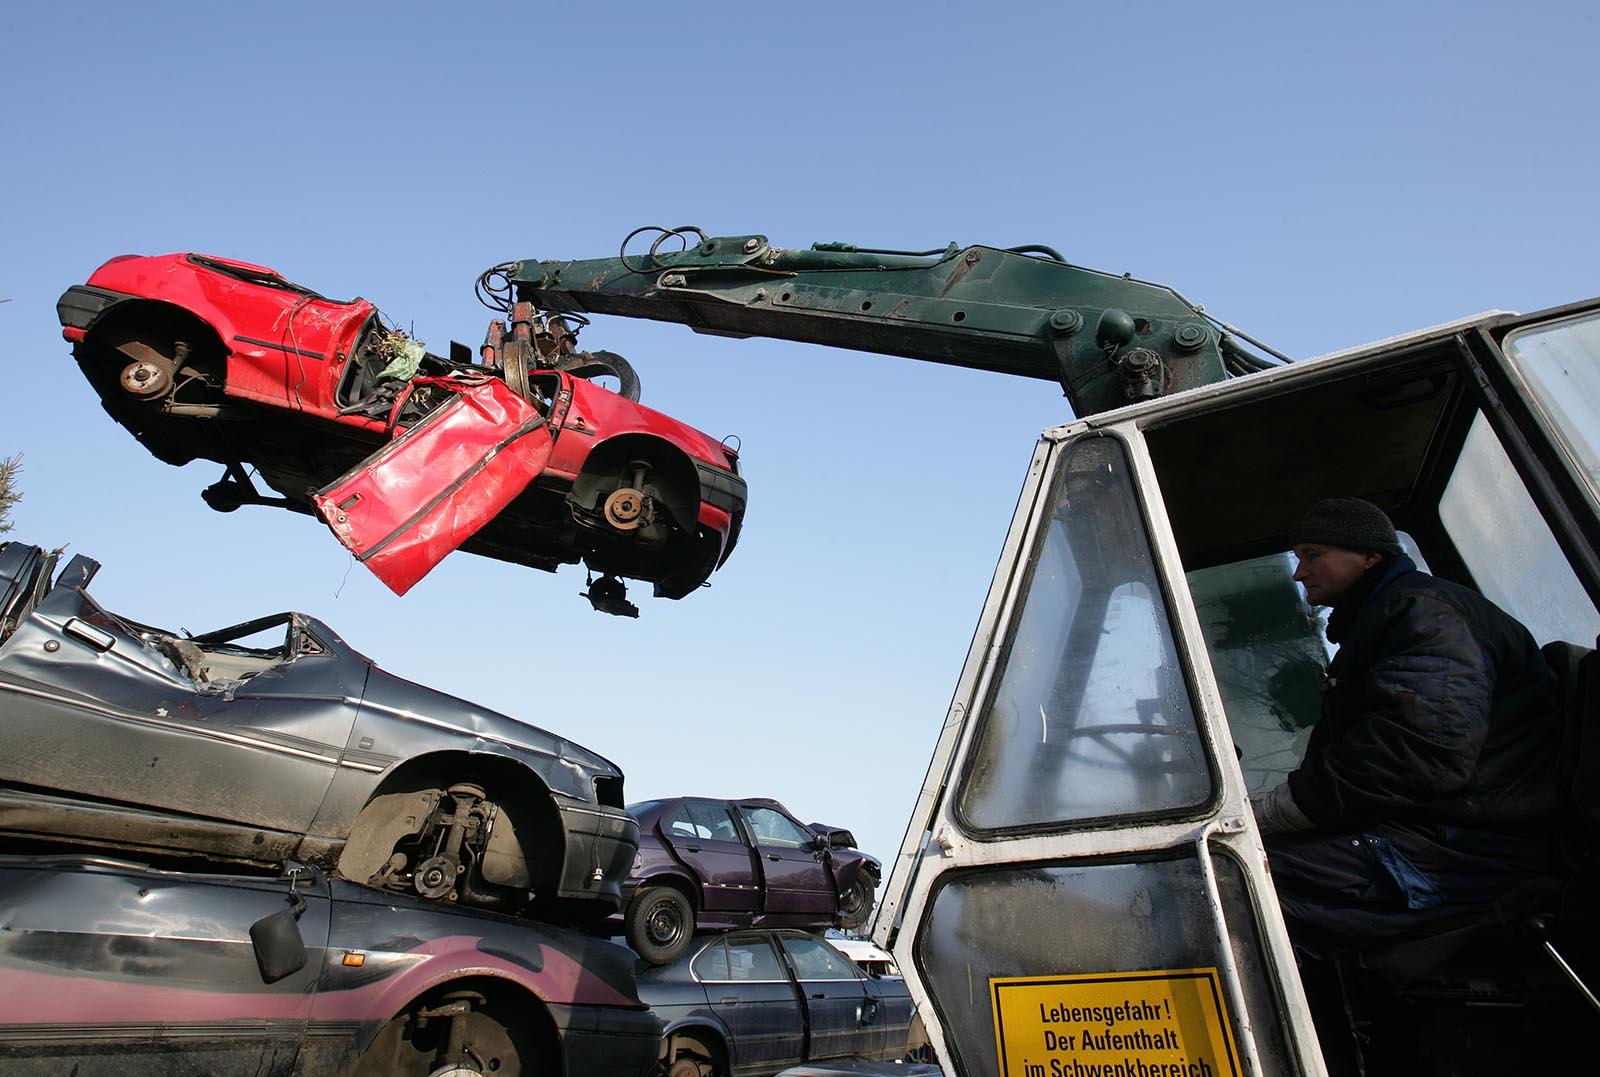 Du kan lita på vår bilskrot i Uppsala län, vi är auktoriserade.